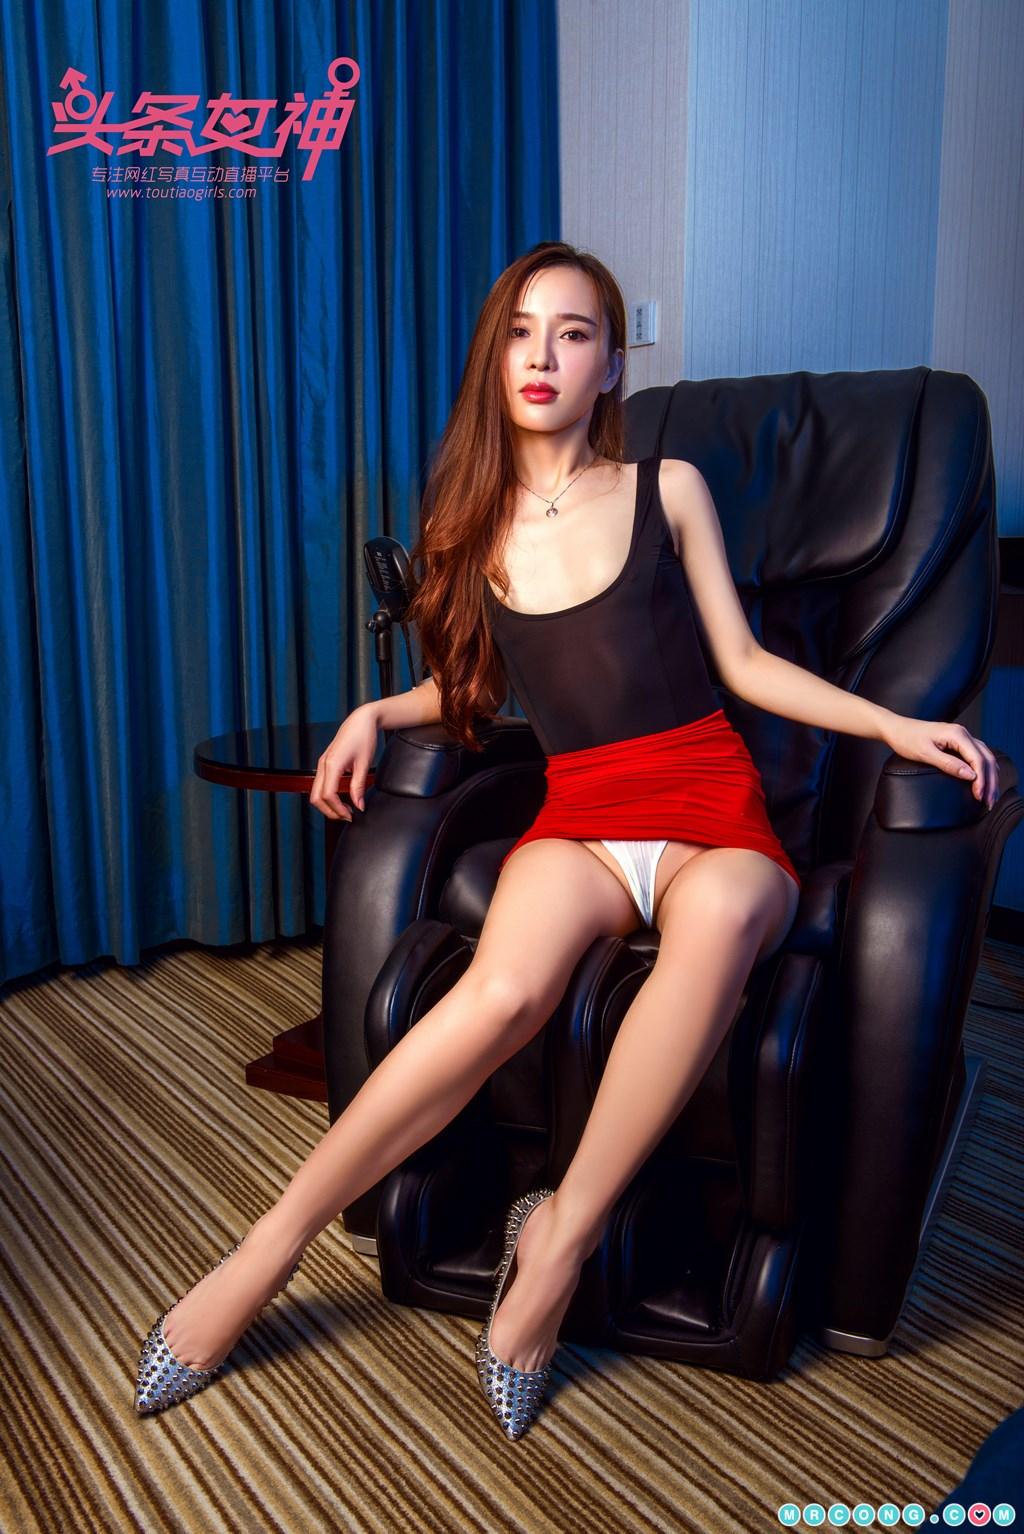 Image TouTiao-2017-12-16-Ai-Xiao-Qing-MrCong.com-025 in post TouTiao 2017-12-16: Người mẫu Ai Xiao Qing (艾小青) (32 ảnh)